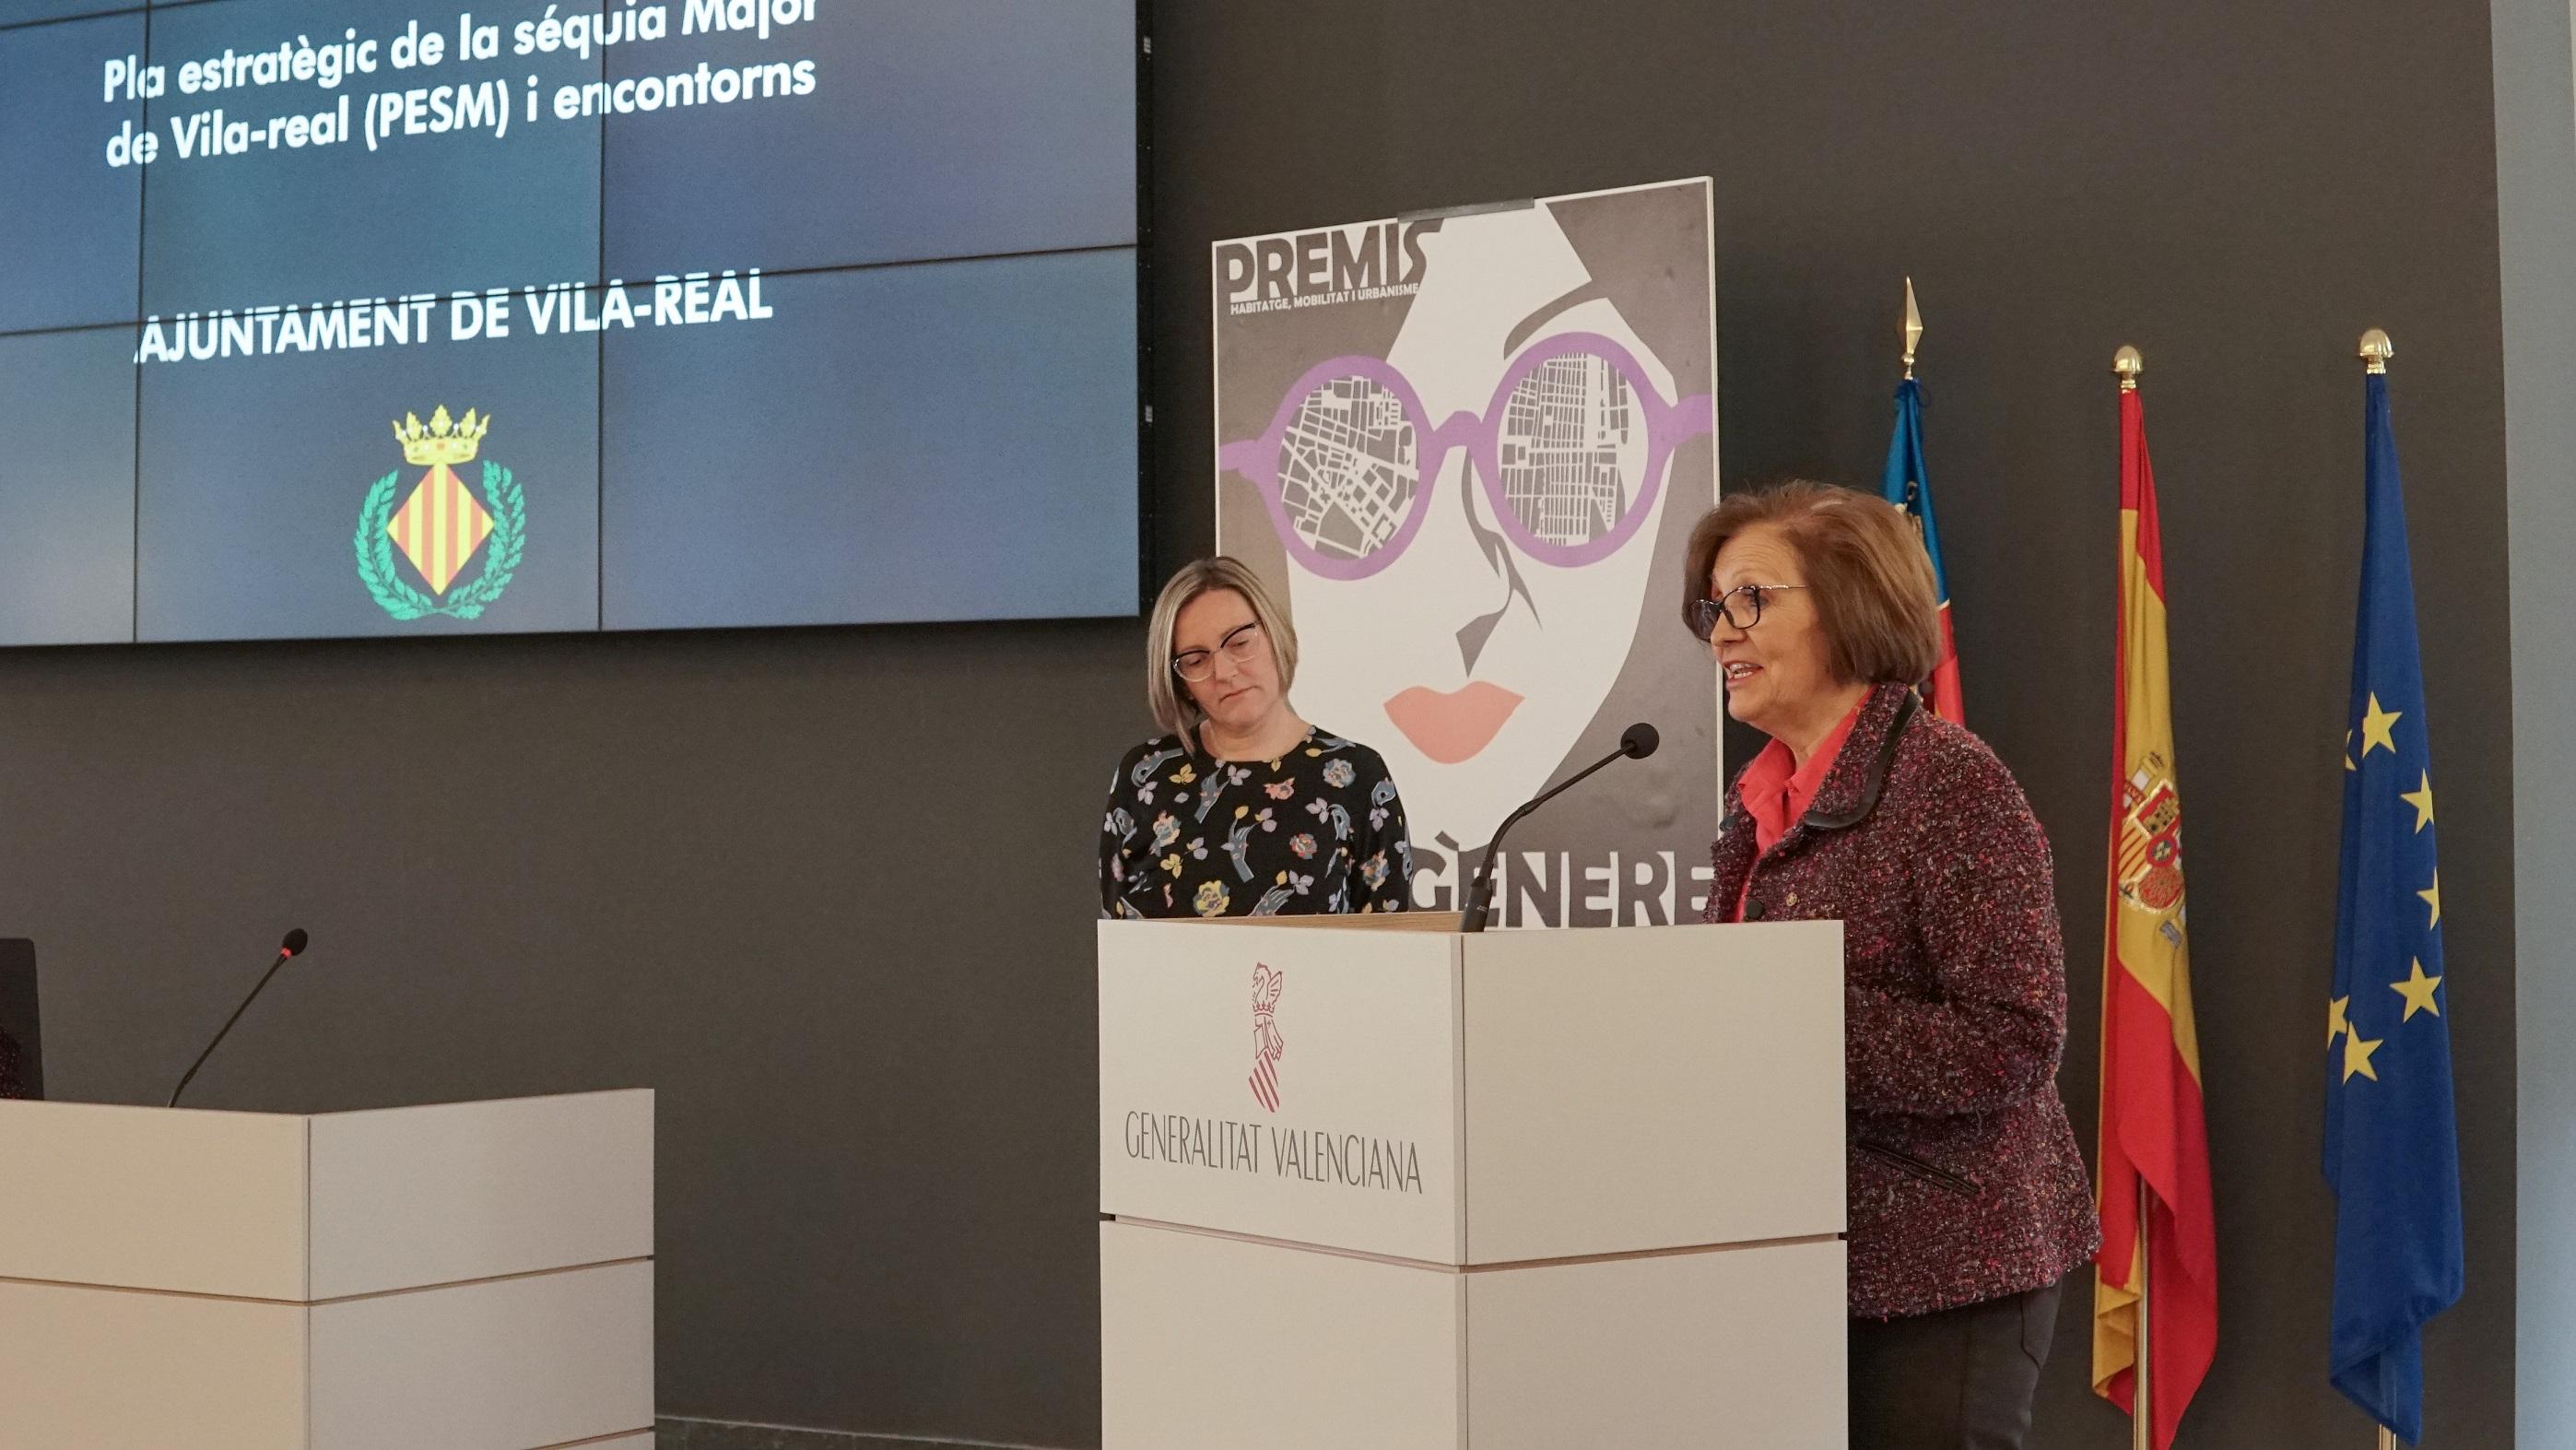 El Plan estratégico de la Acequia Mayor, reconocido por la Conselleria de Vivienda por su perspectiva de género